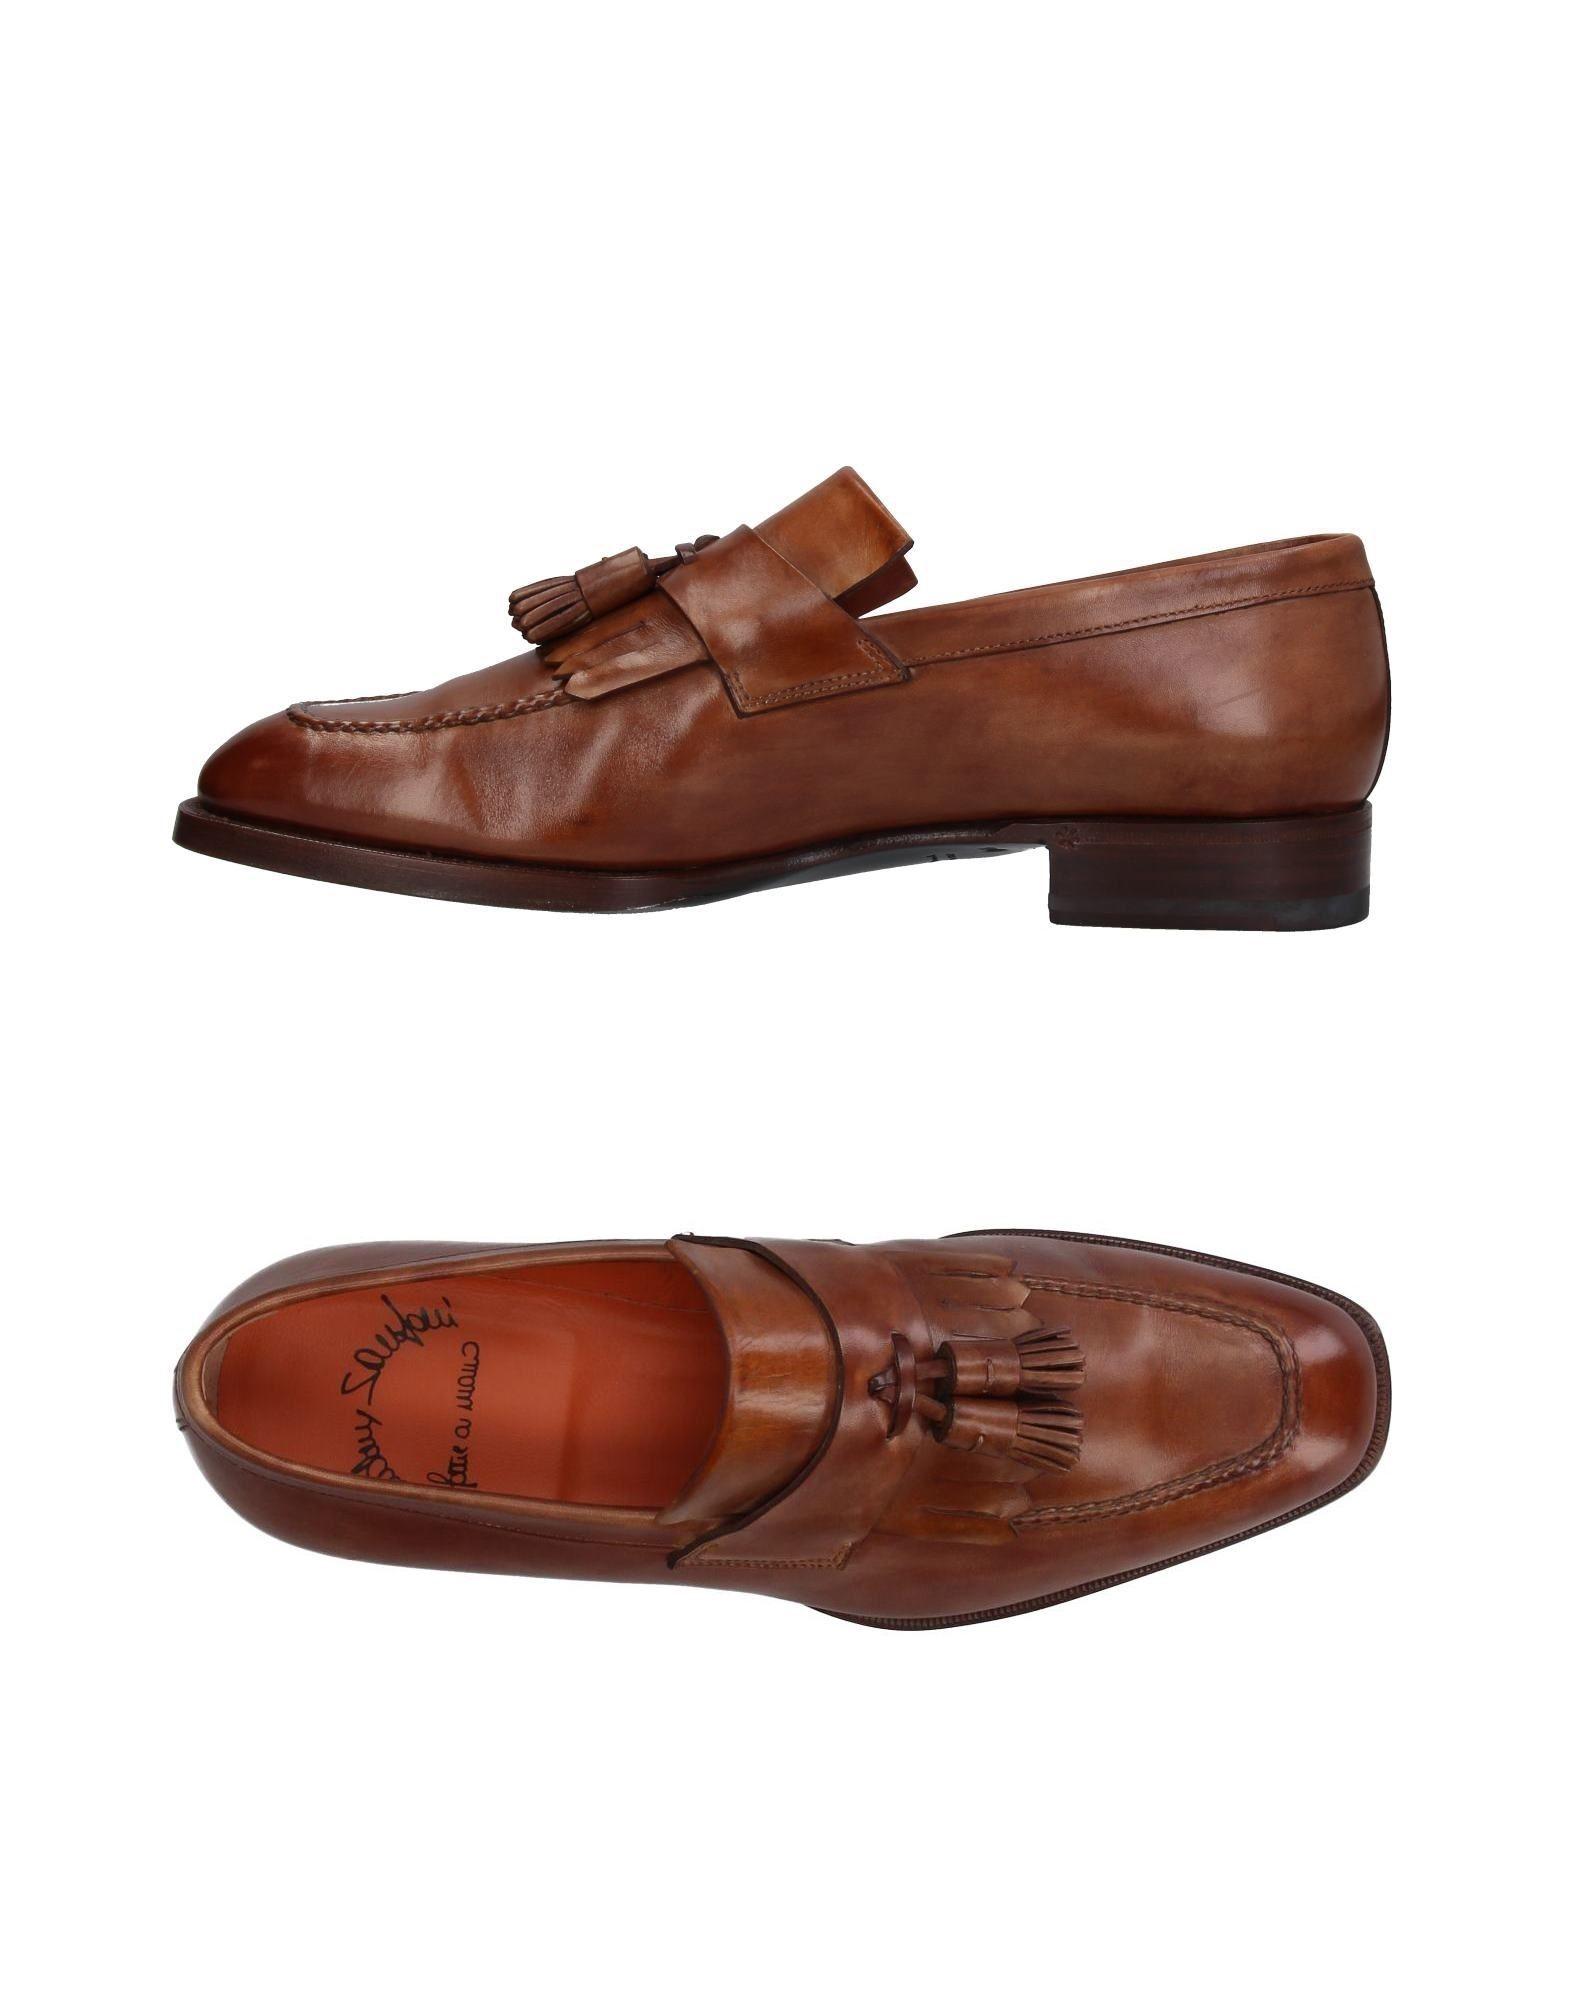 Santoni Mokassins Herren  11410129WR Gute Qualität beliebte Schuhe